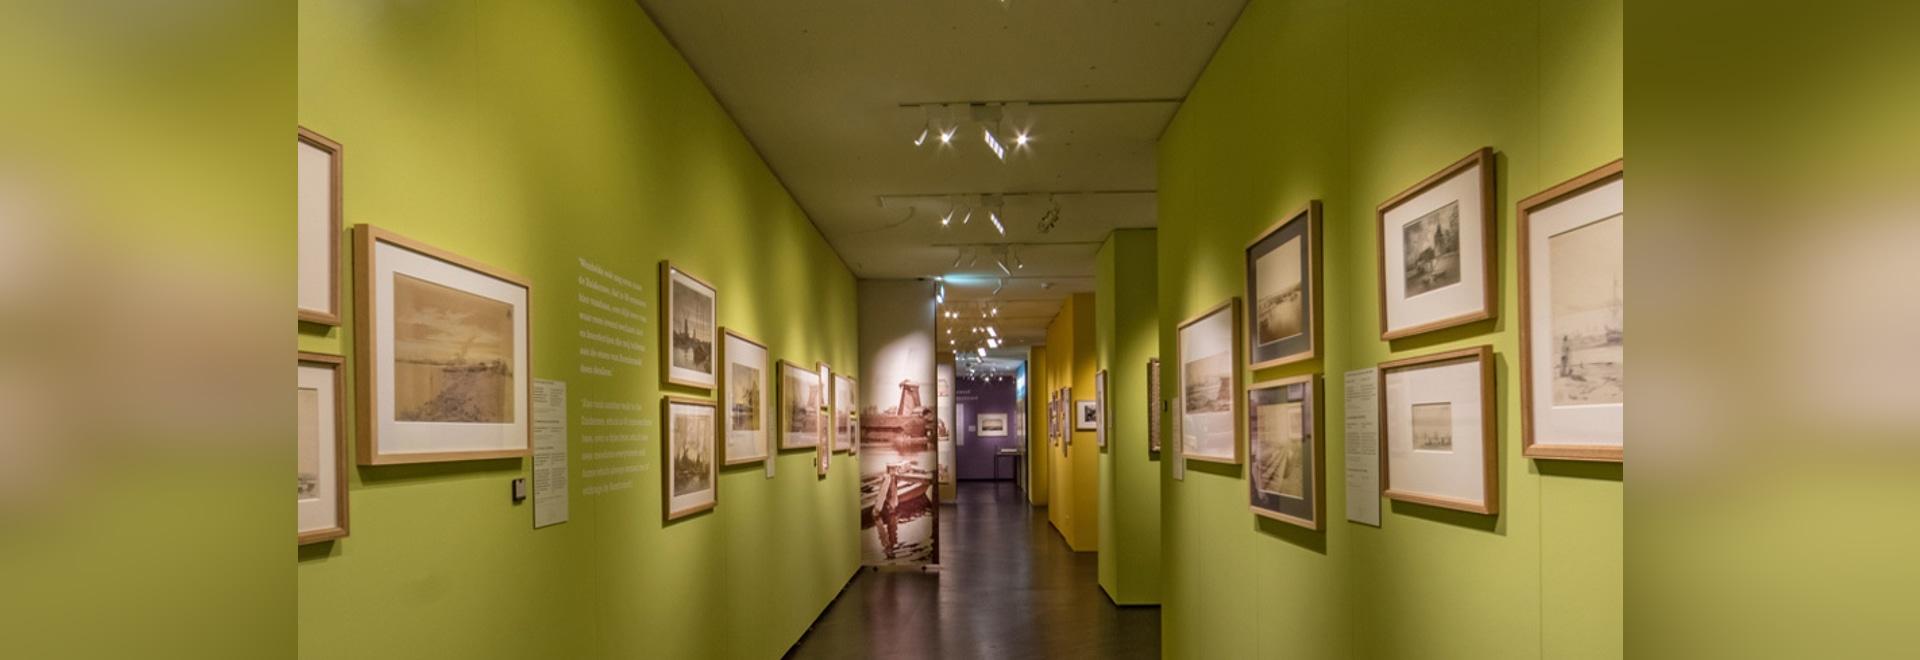 Archives de la ville, Pays-Bas